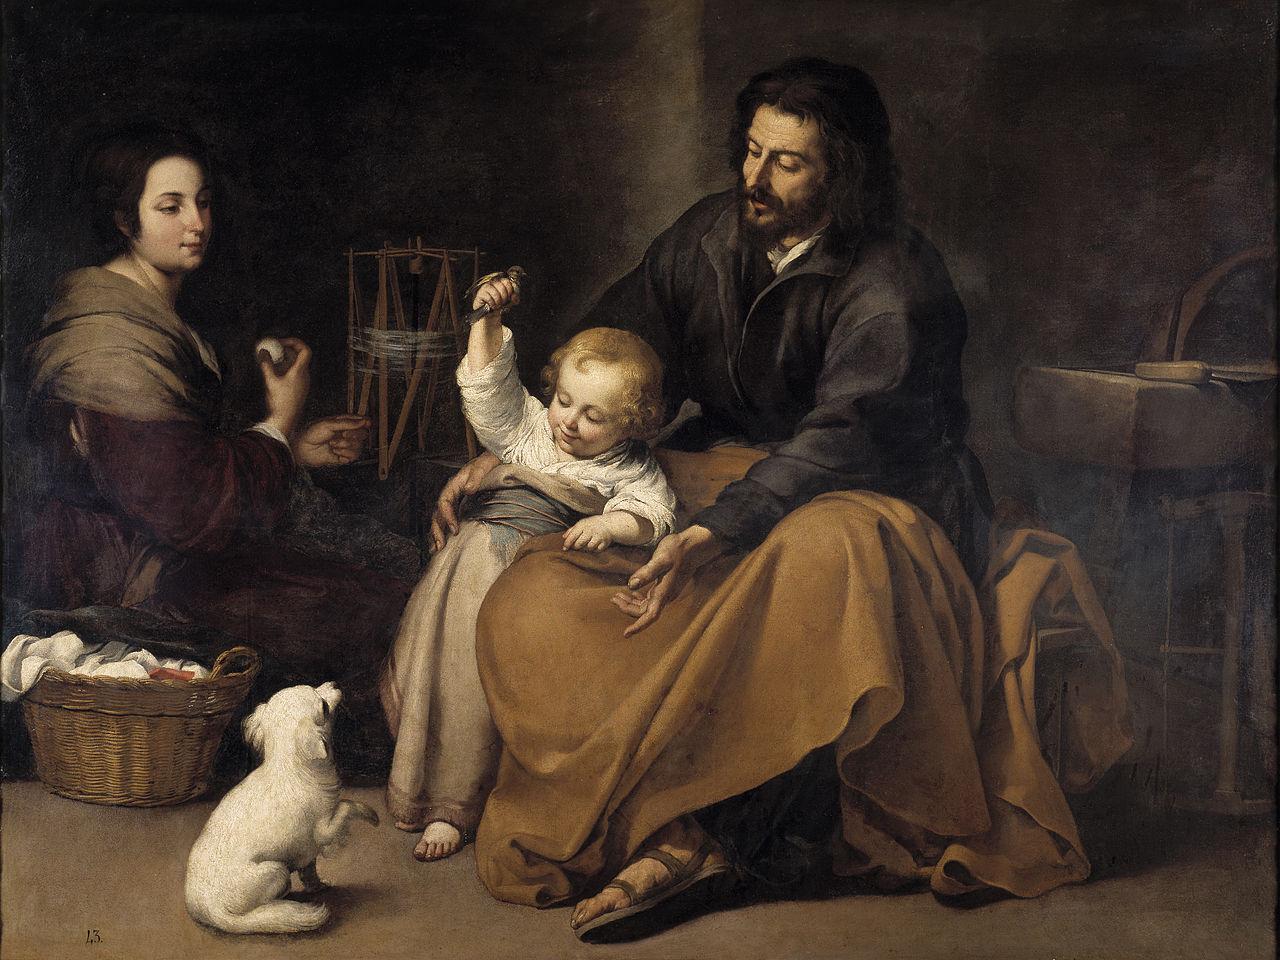 Sacra Famiglia col cagnolino di Bartolomé Esteban Murillo - Bartolomé Esteban Murillo [Public domain]